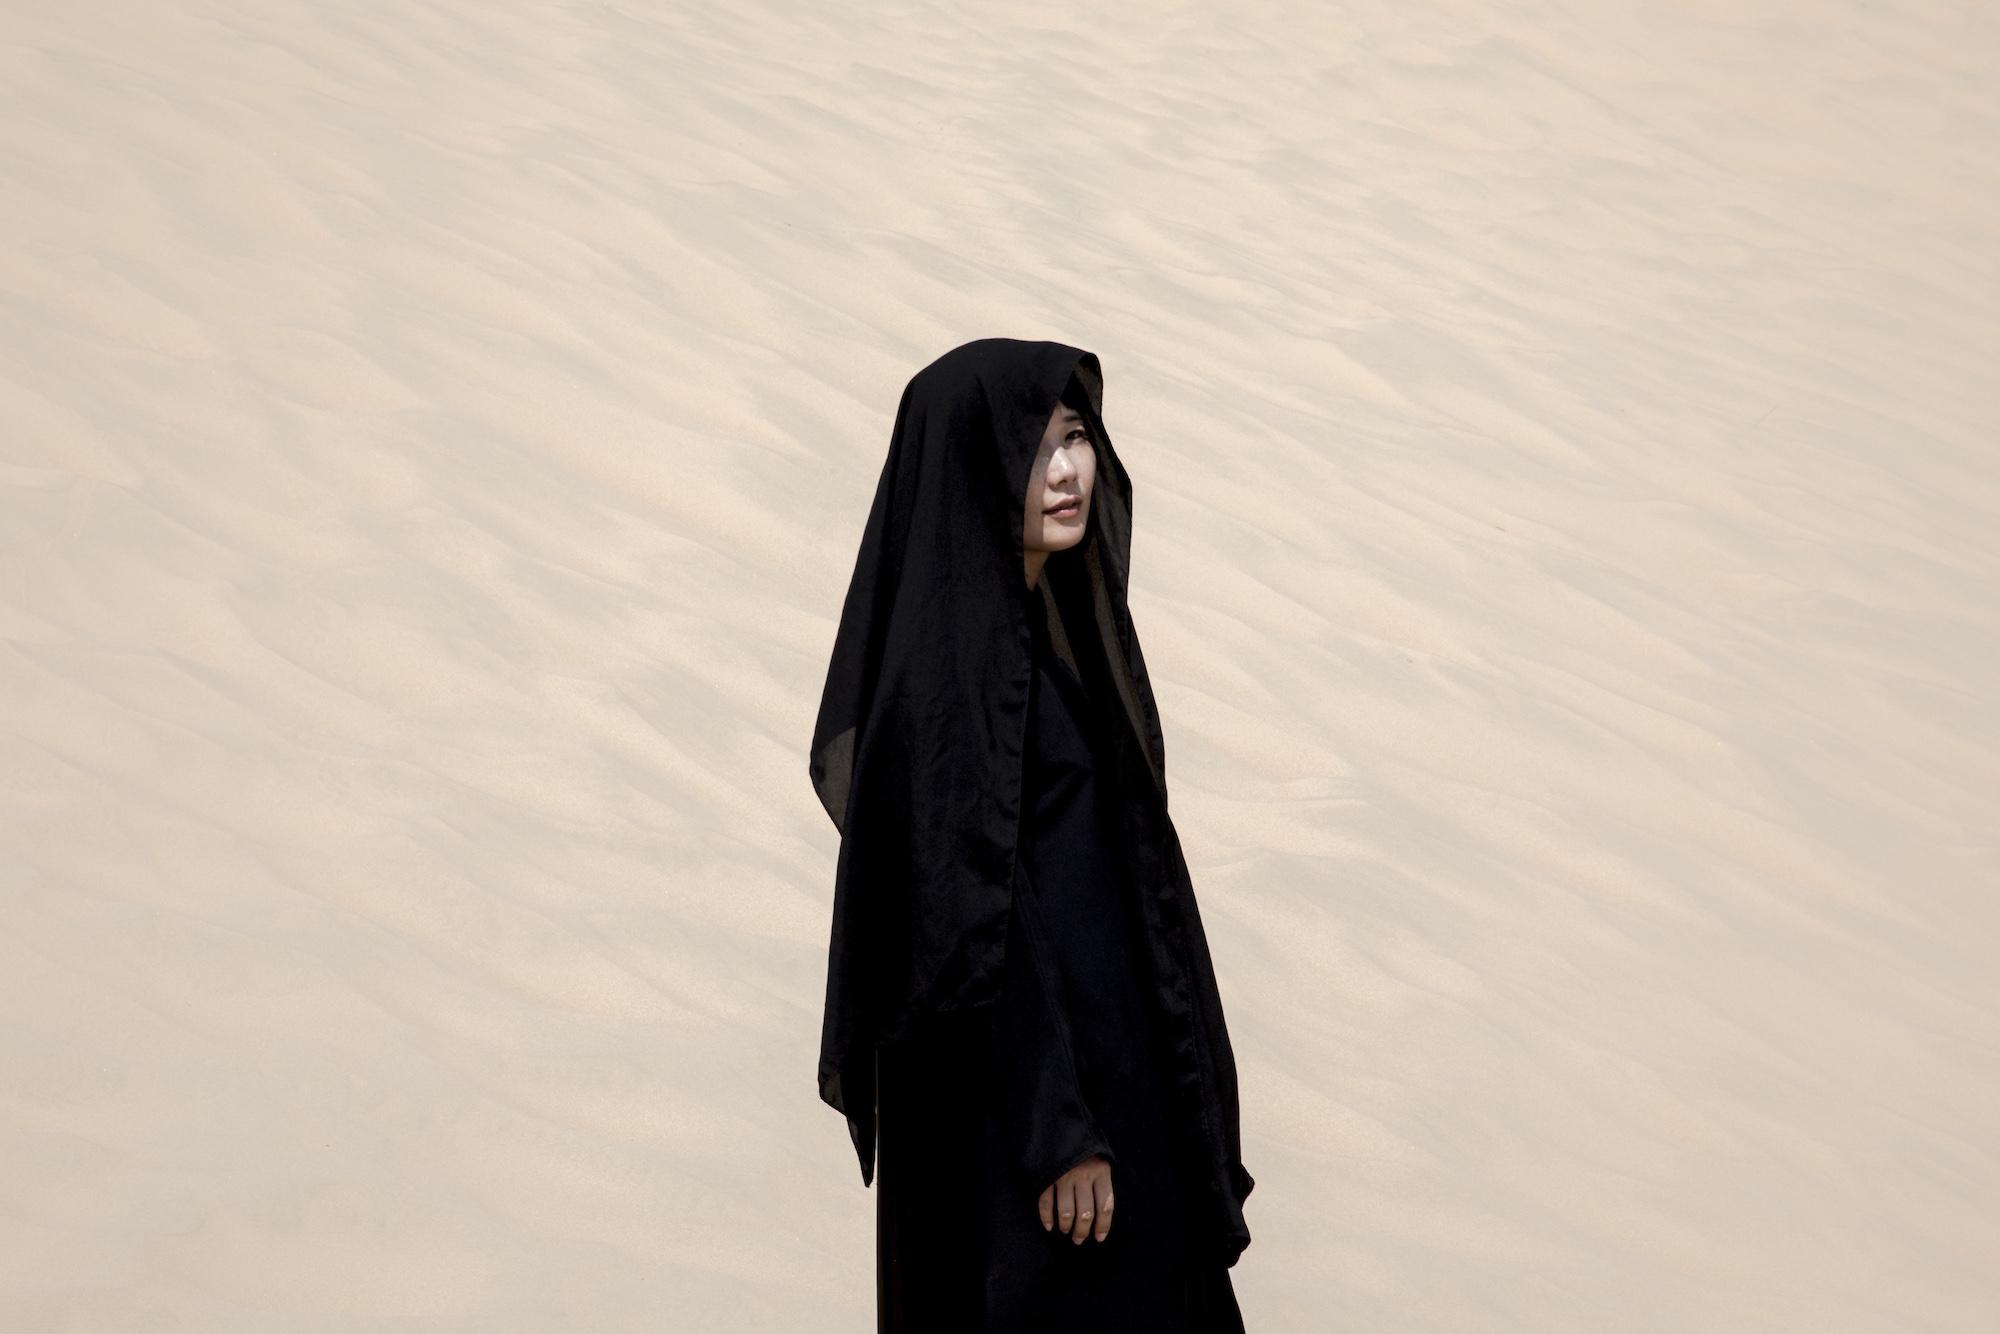 cuushe_desert_s